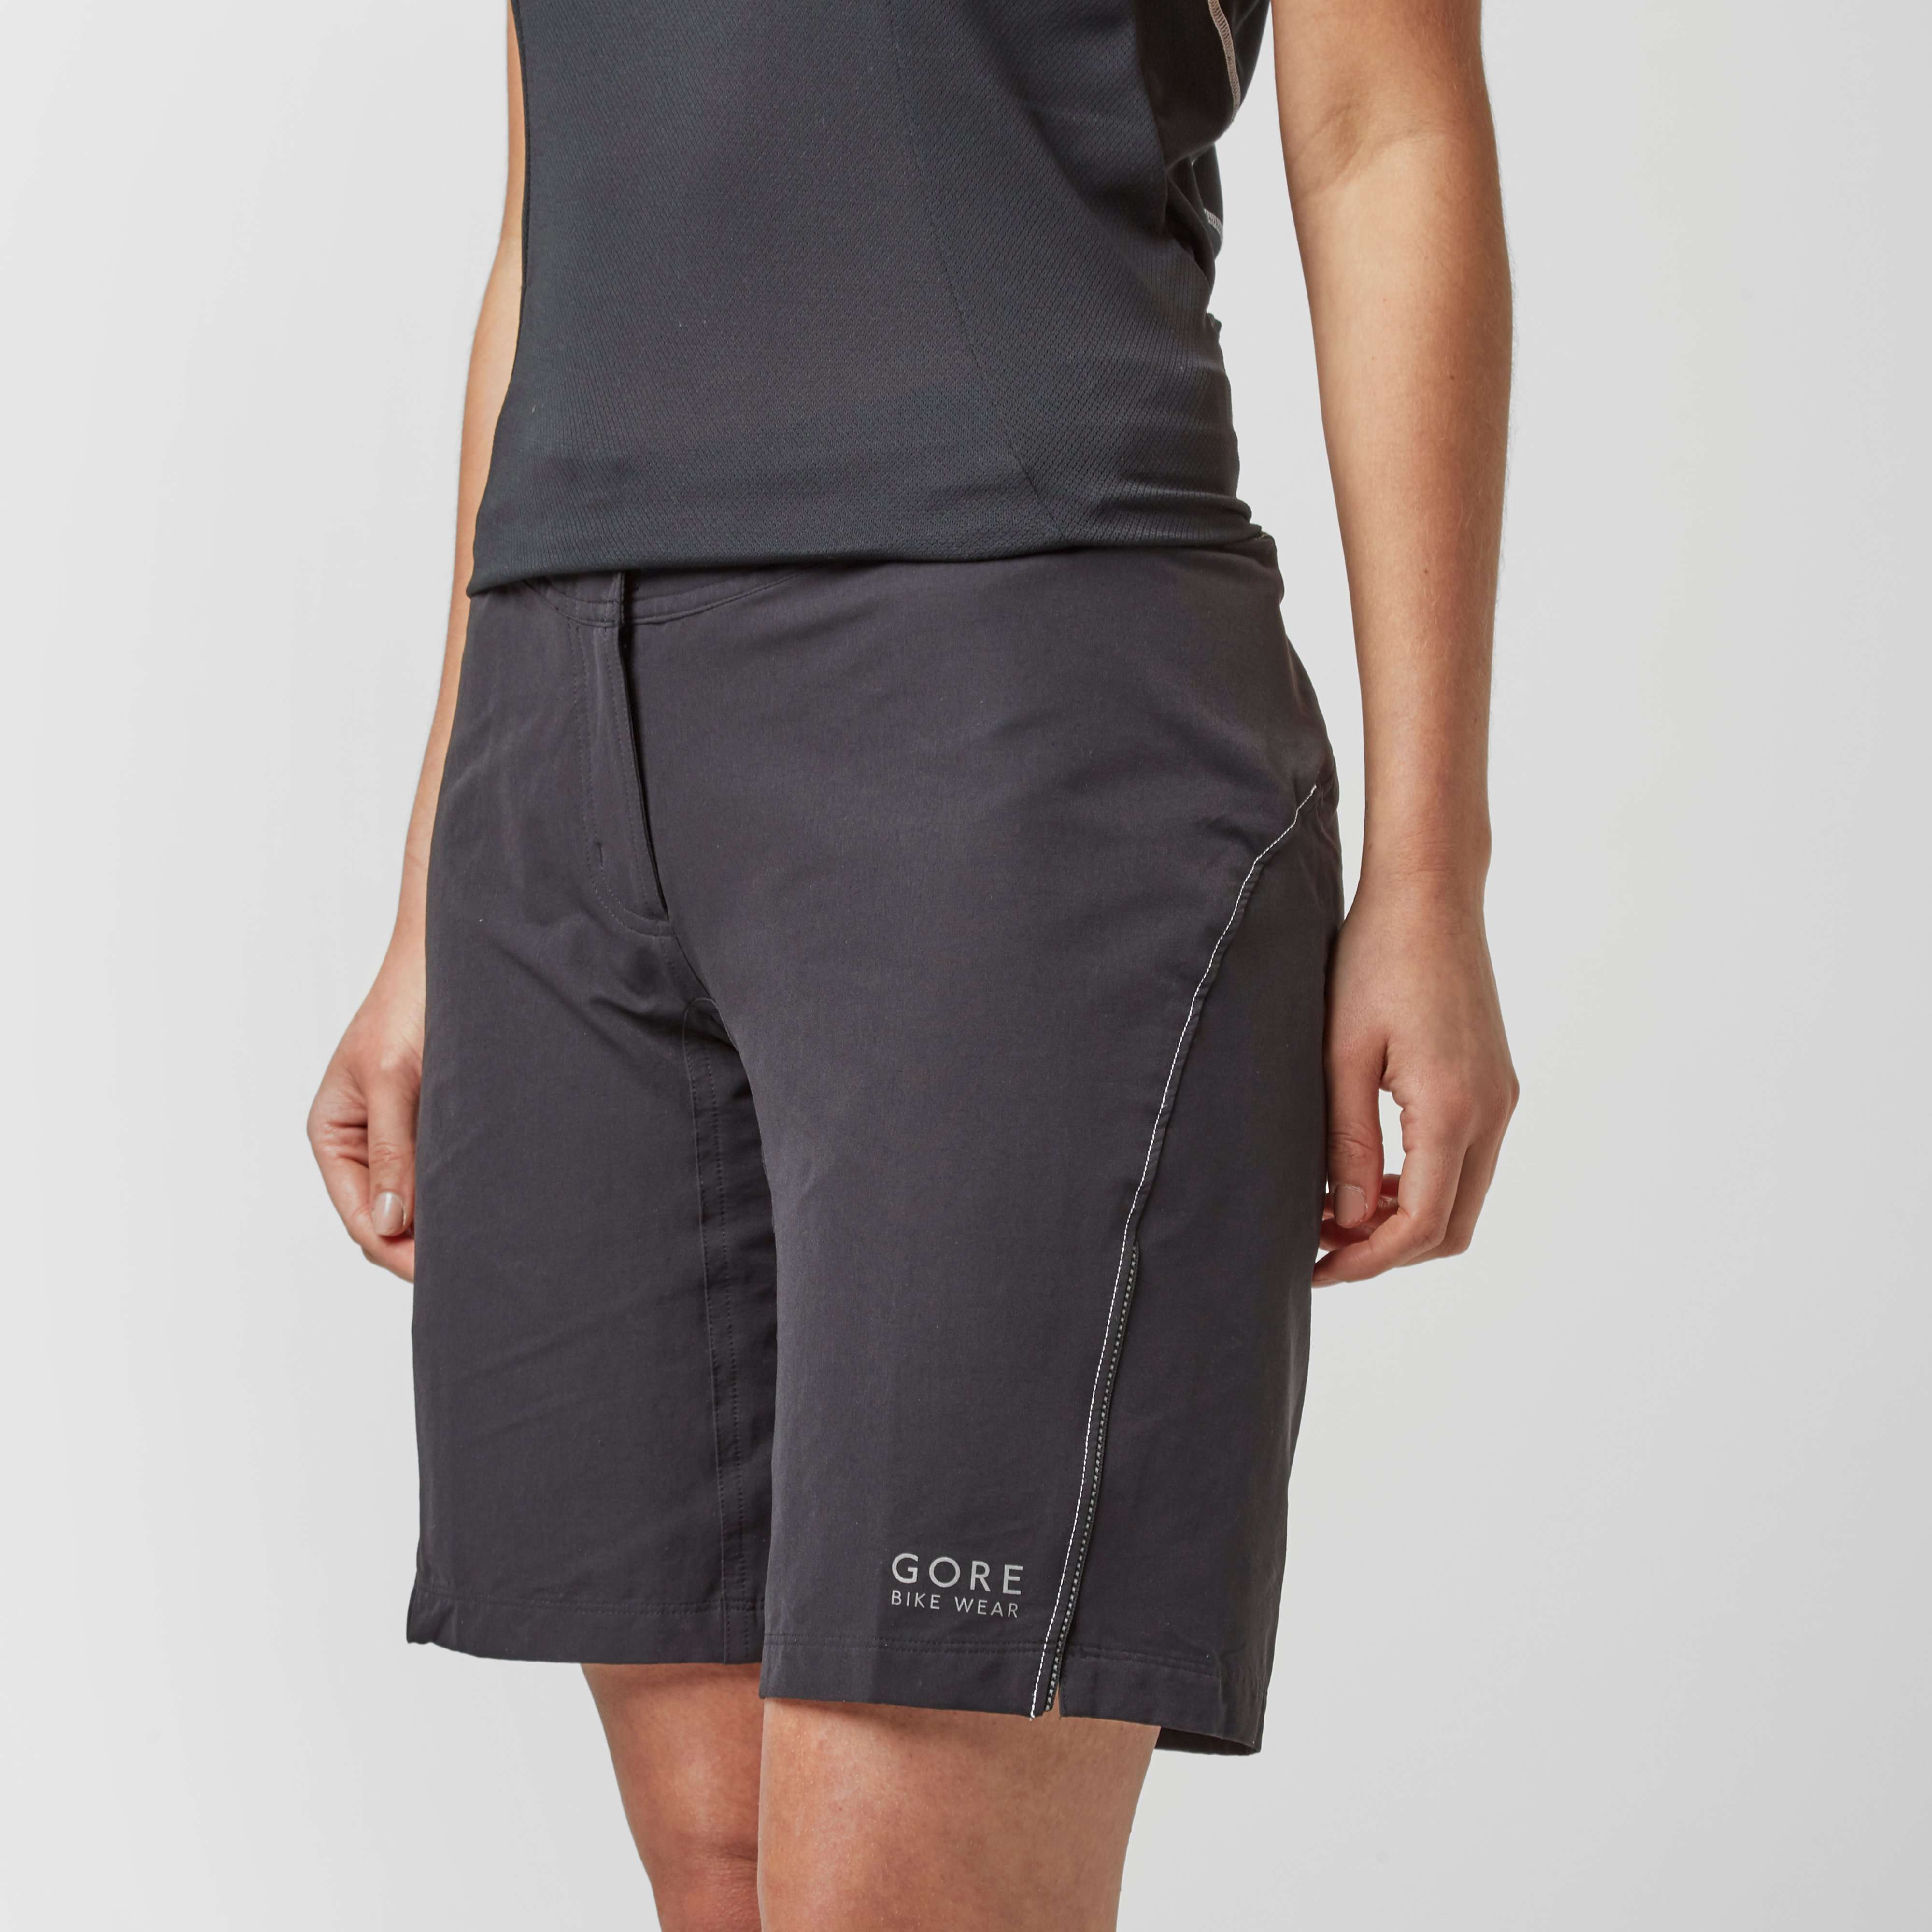 GORE Women's Element Cycling Shorts